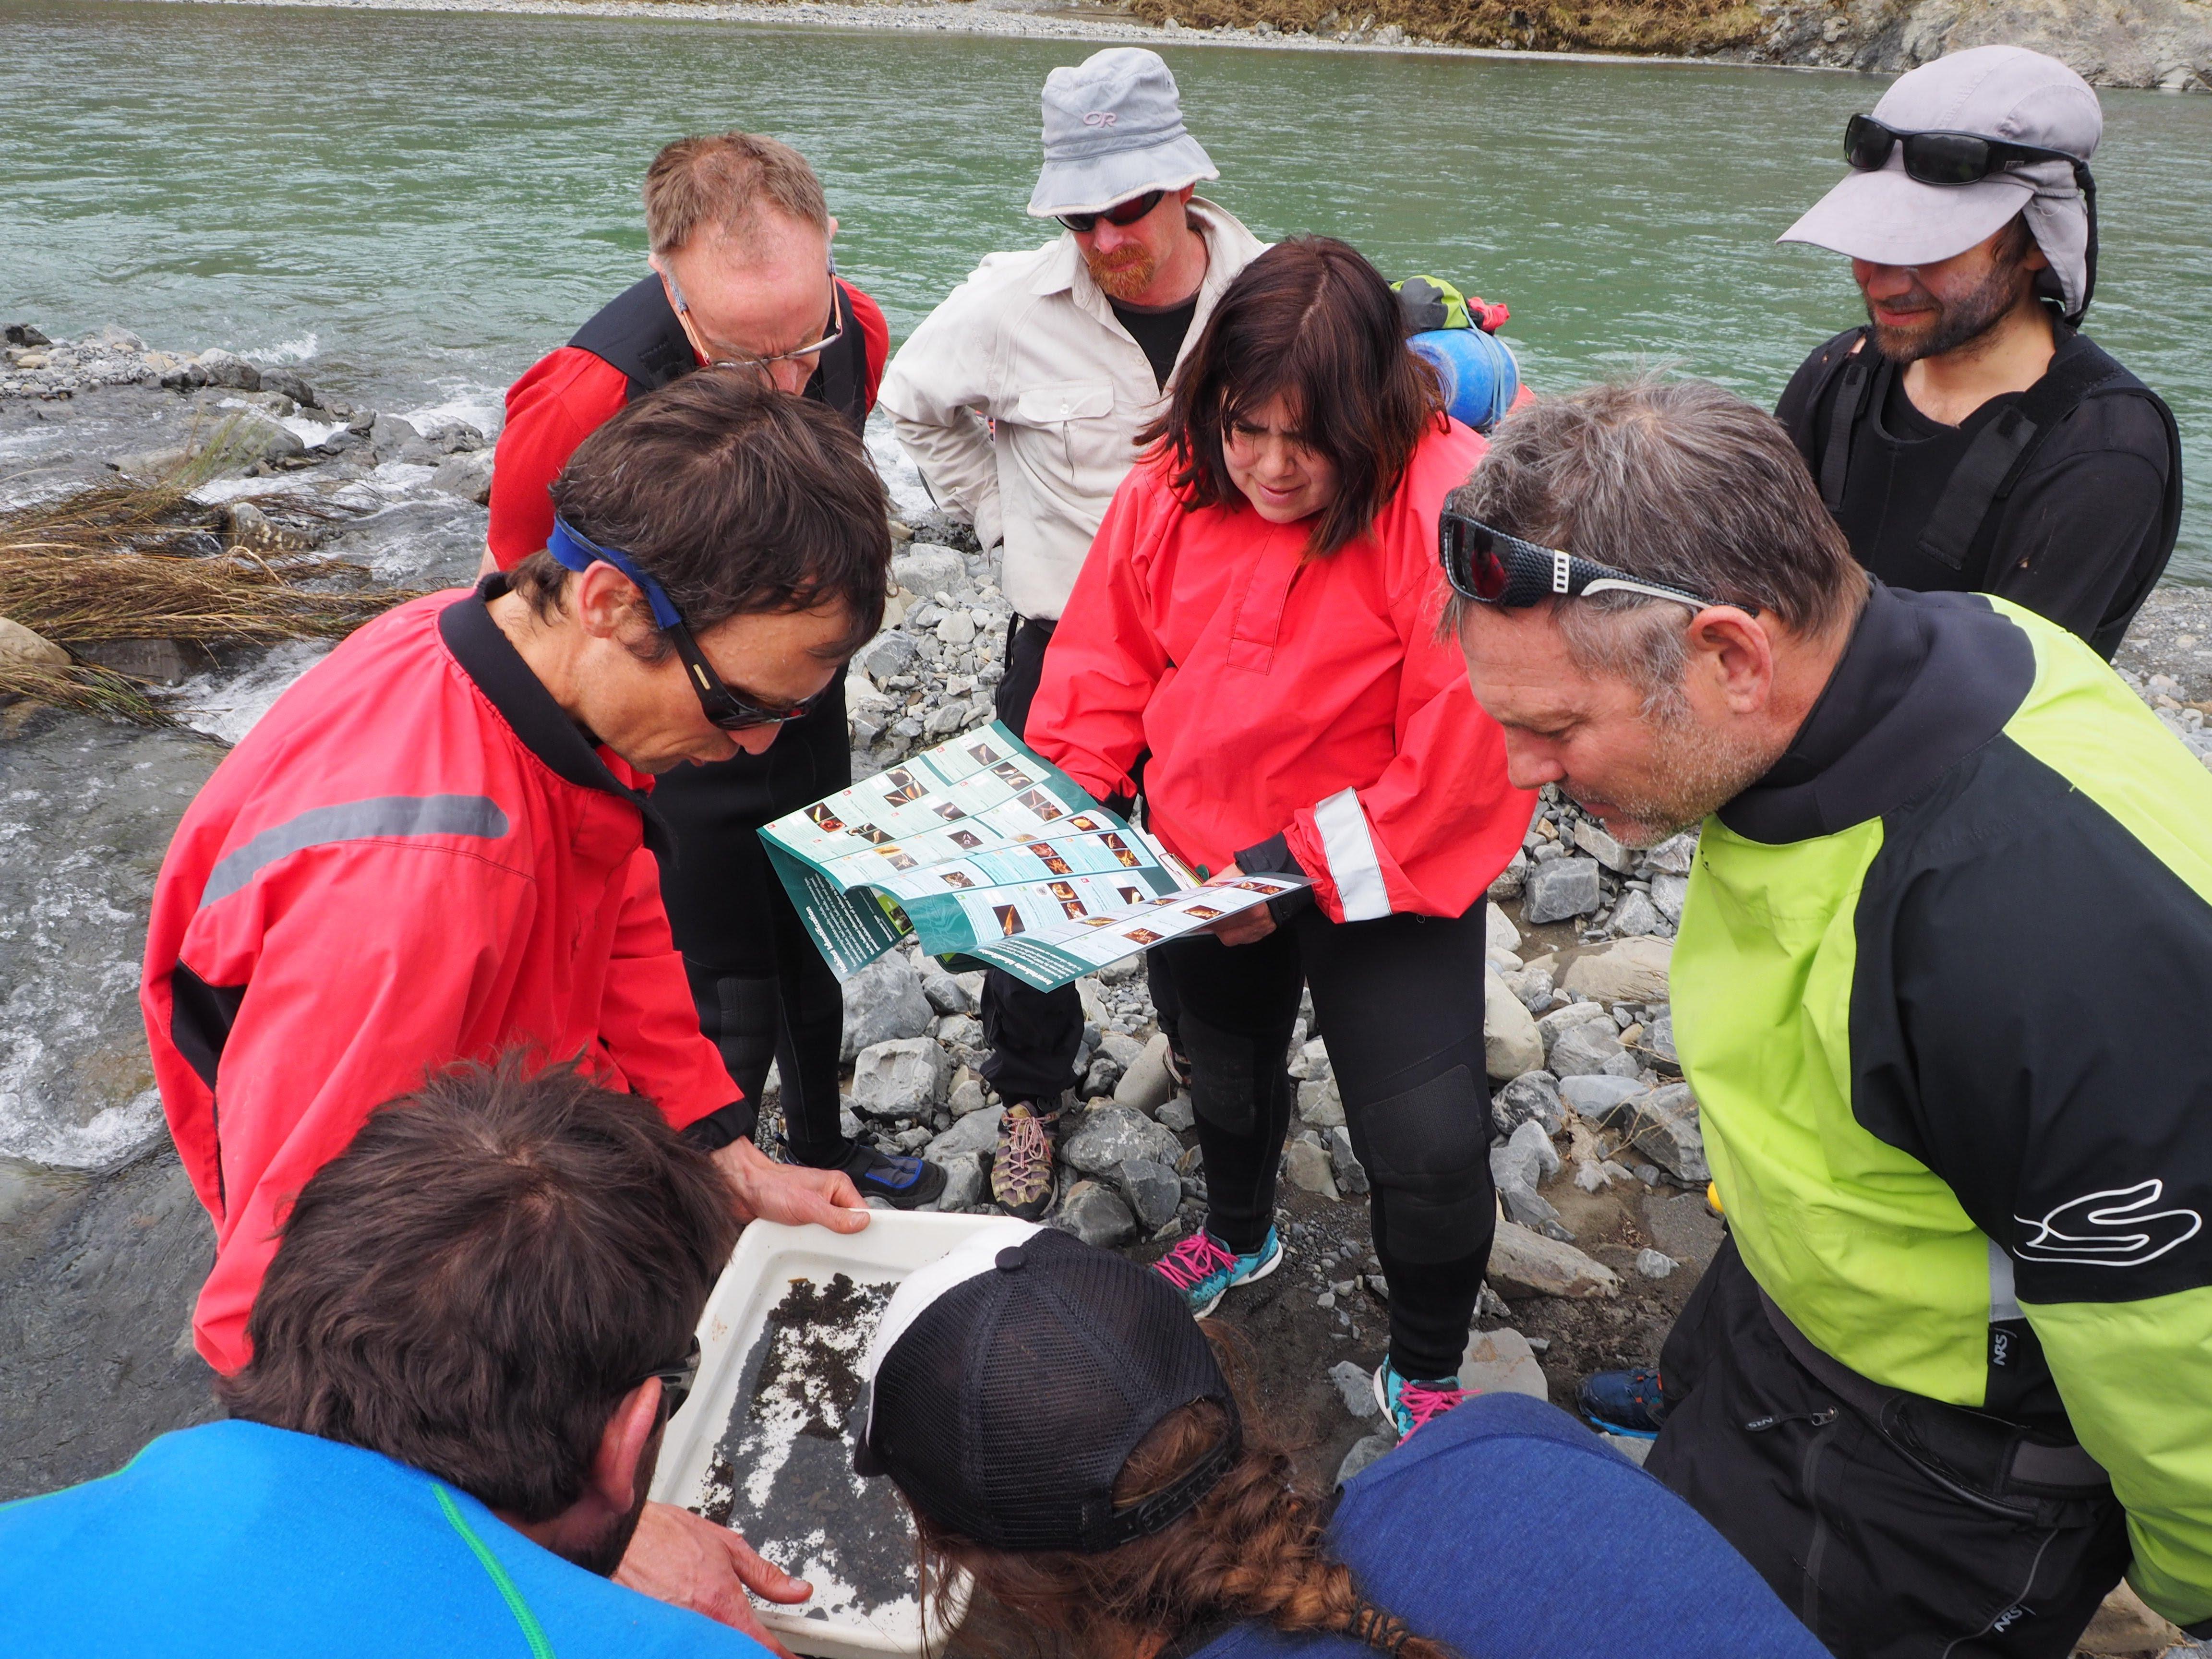 Richard Storey (à gauche), scientifique spécialiste des eaux douces et membre du conseil d'administration d'A Rocha, a dirigé le volet scientifique et a conduit l'équipe à examiner de plus près la qualité de l'eau et la vie des invertébrés. (Photo : Andrew Shepherd)